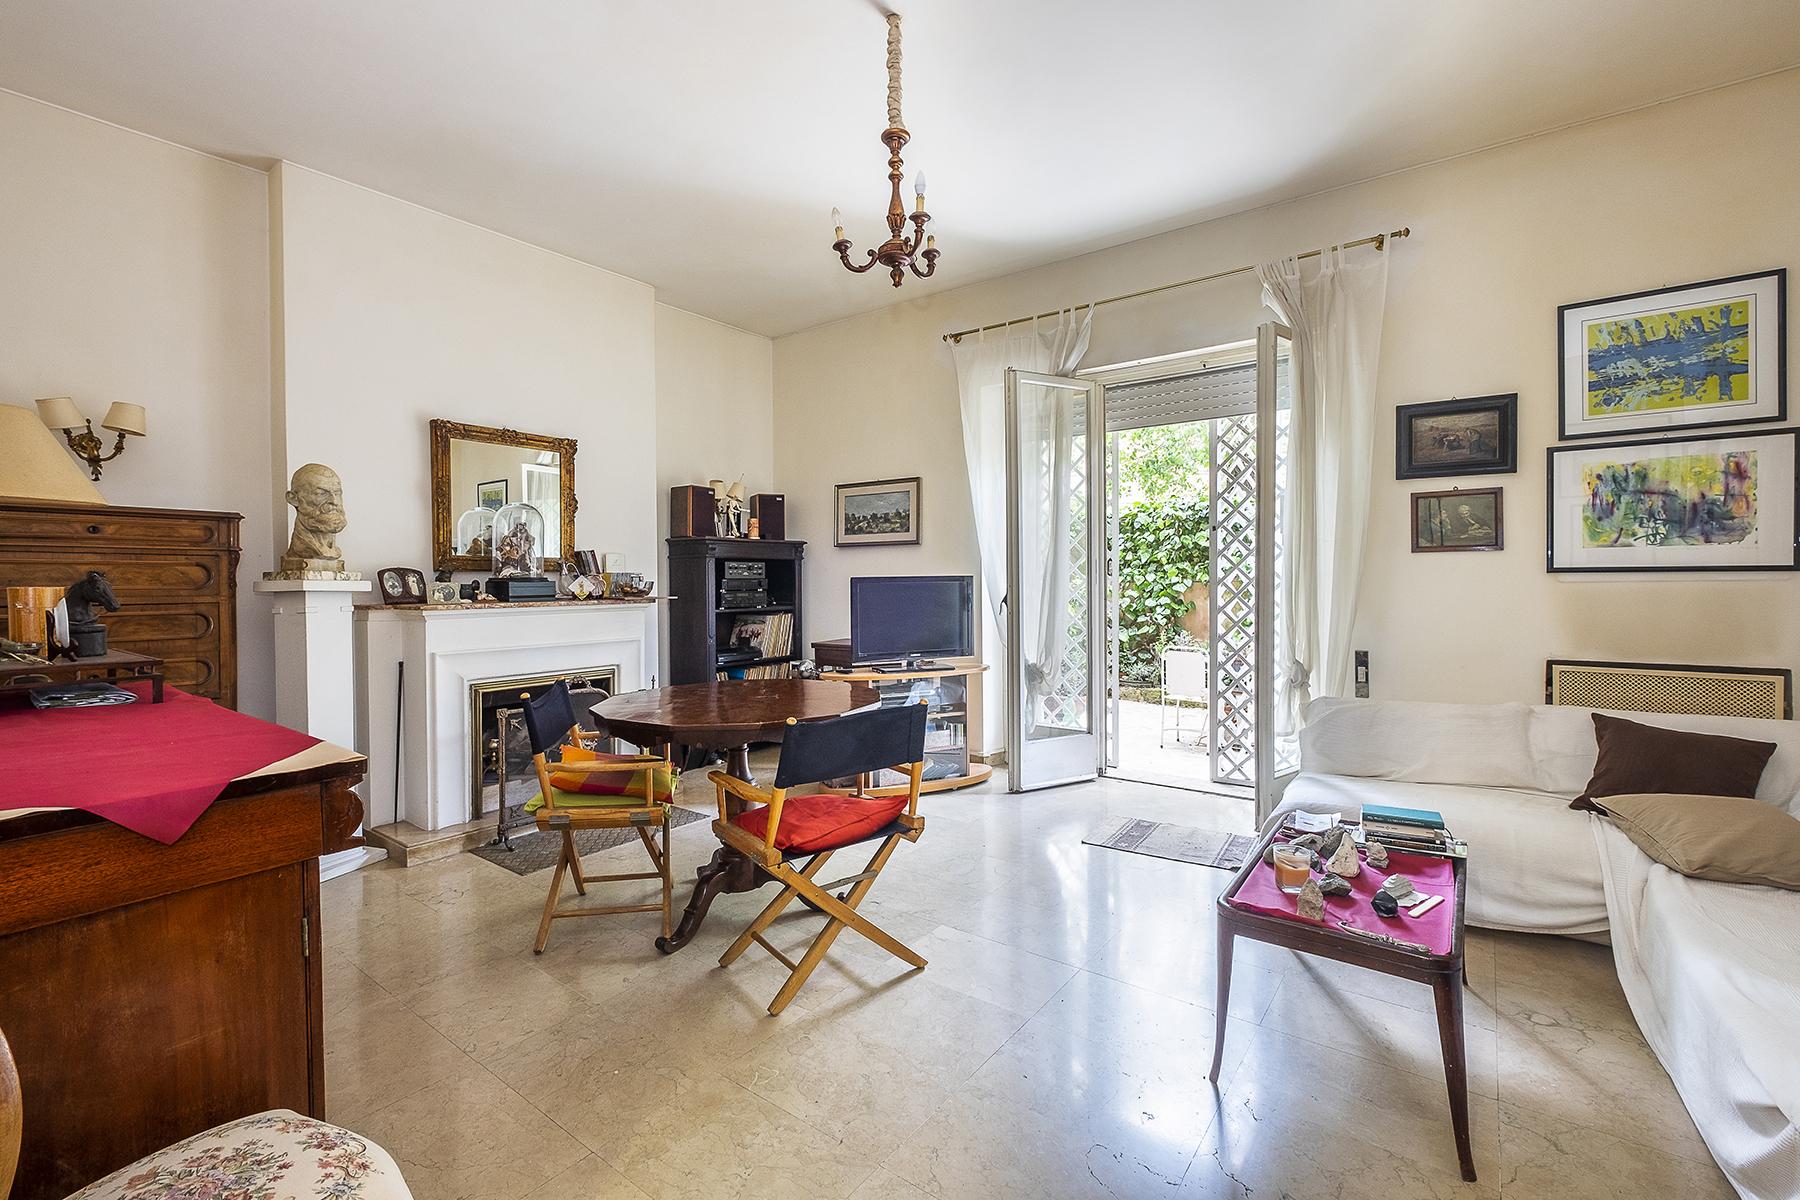 Appartamento in Vendita a Roma 28 Trastevere / Testaccio:  4 locali, 80 mq  - Foto 1